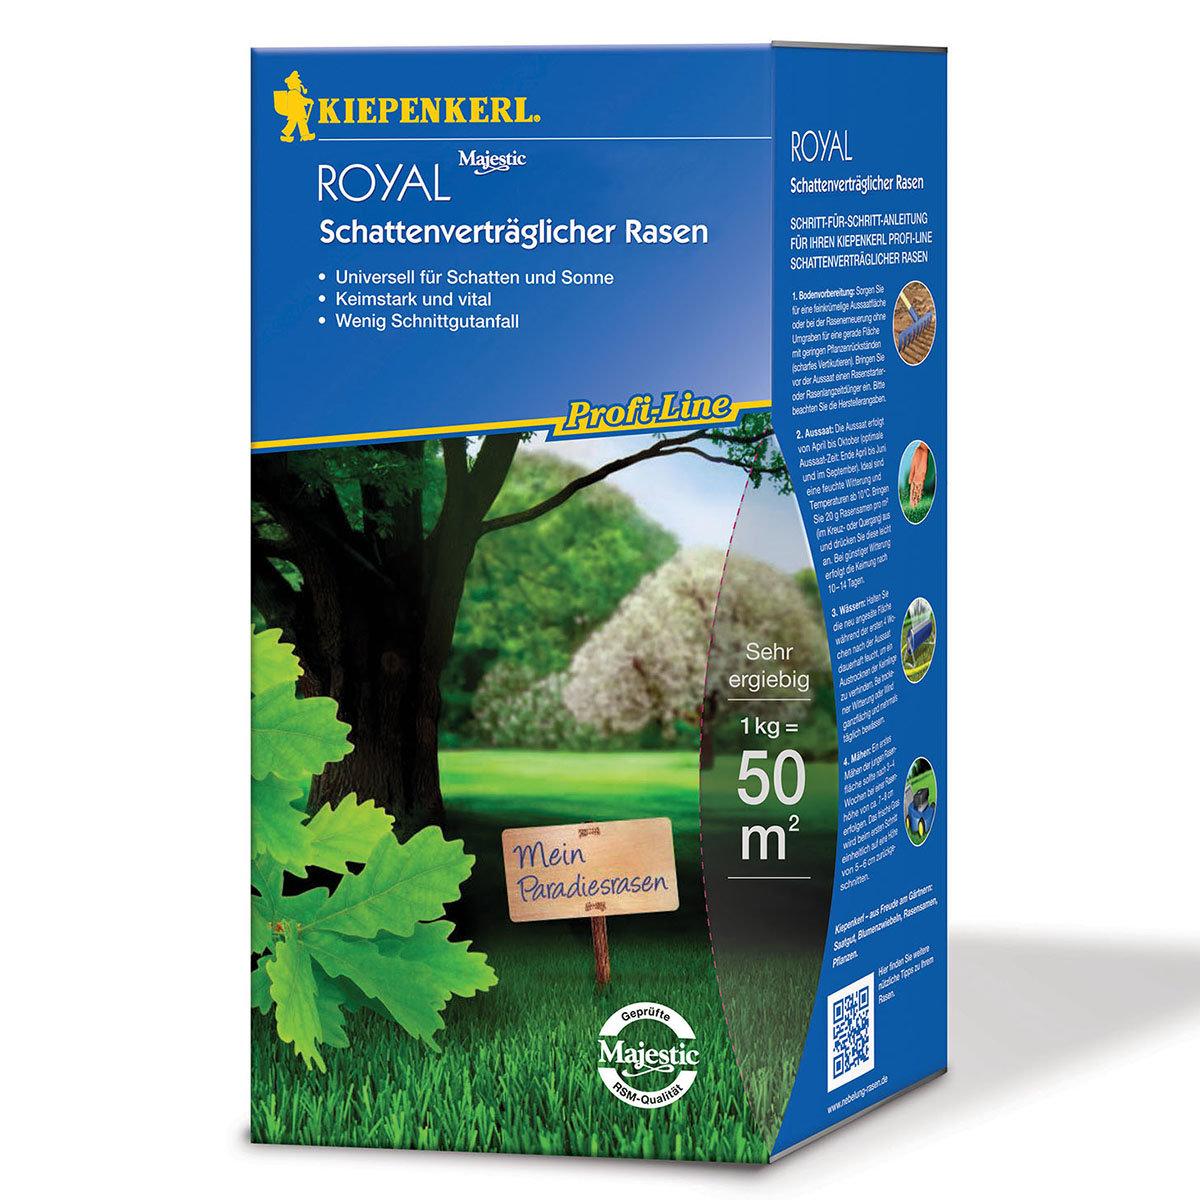 ProfiLine Royal Schattenverträglicher Rasen, 1 kg